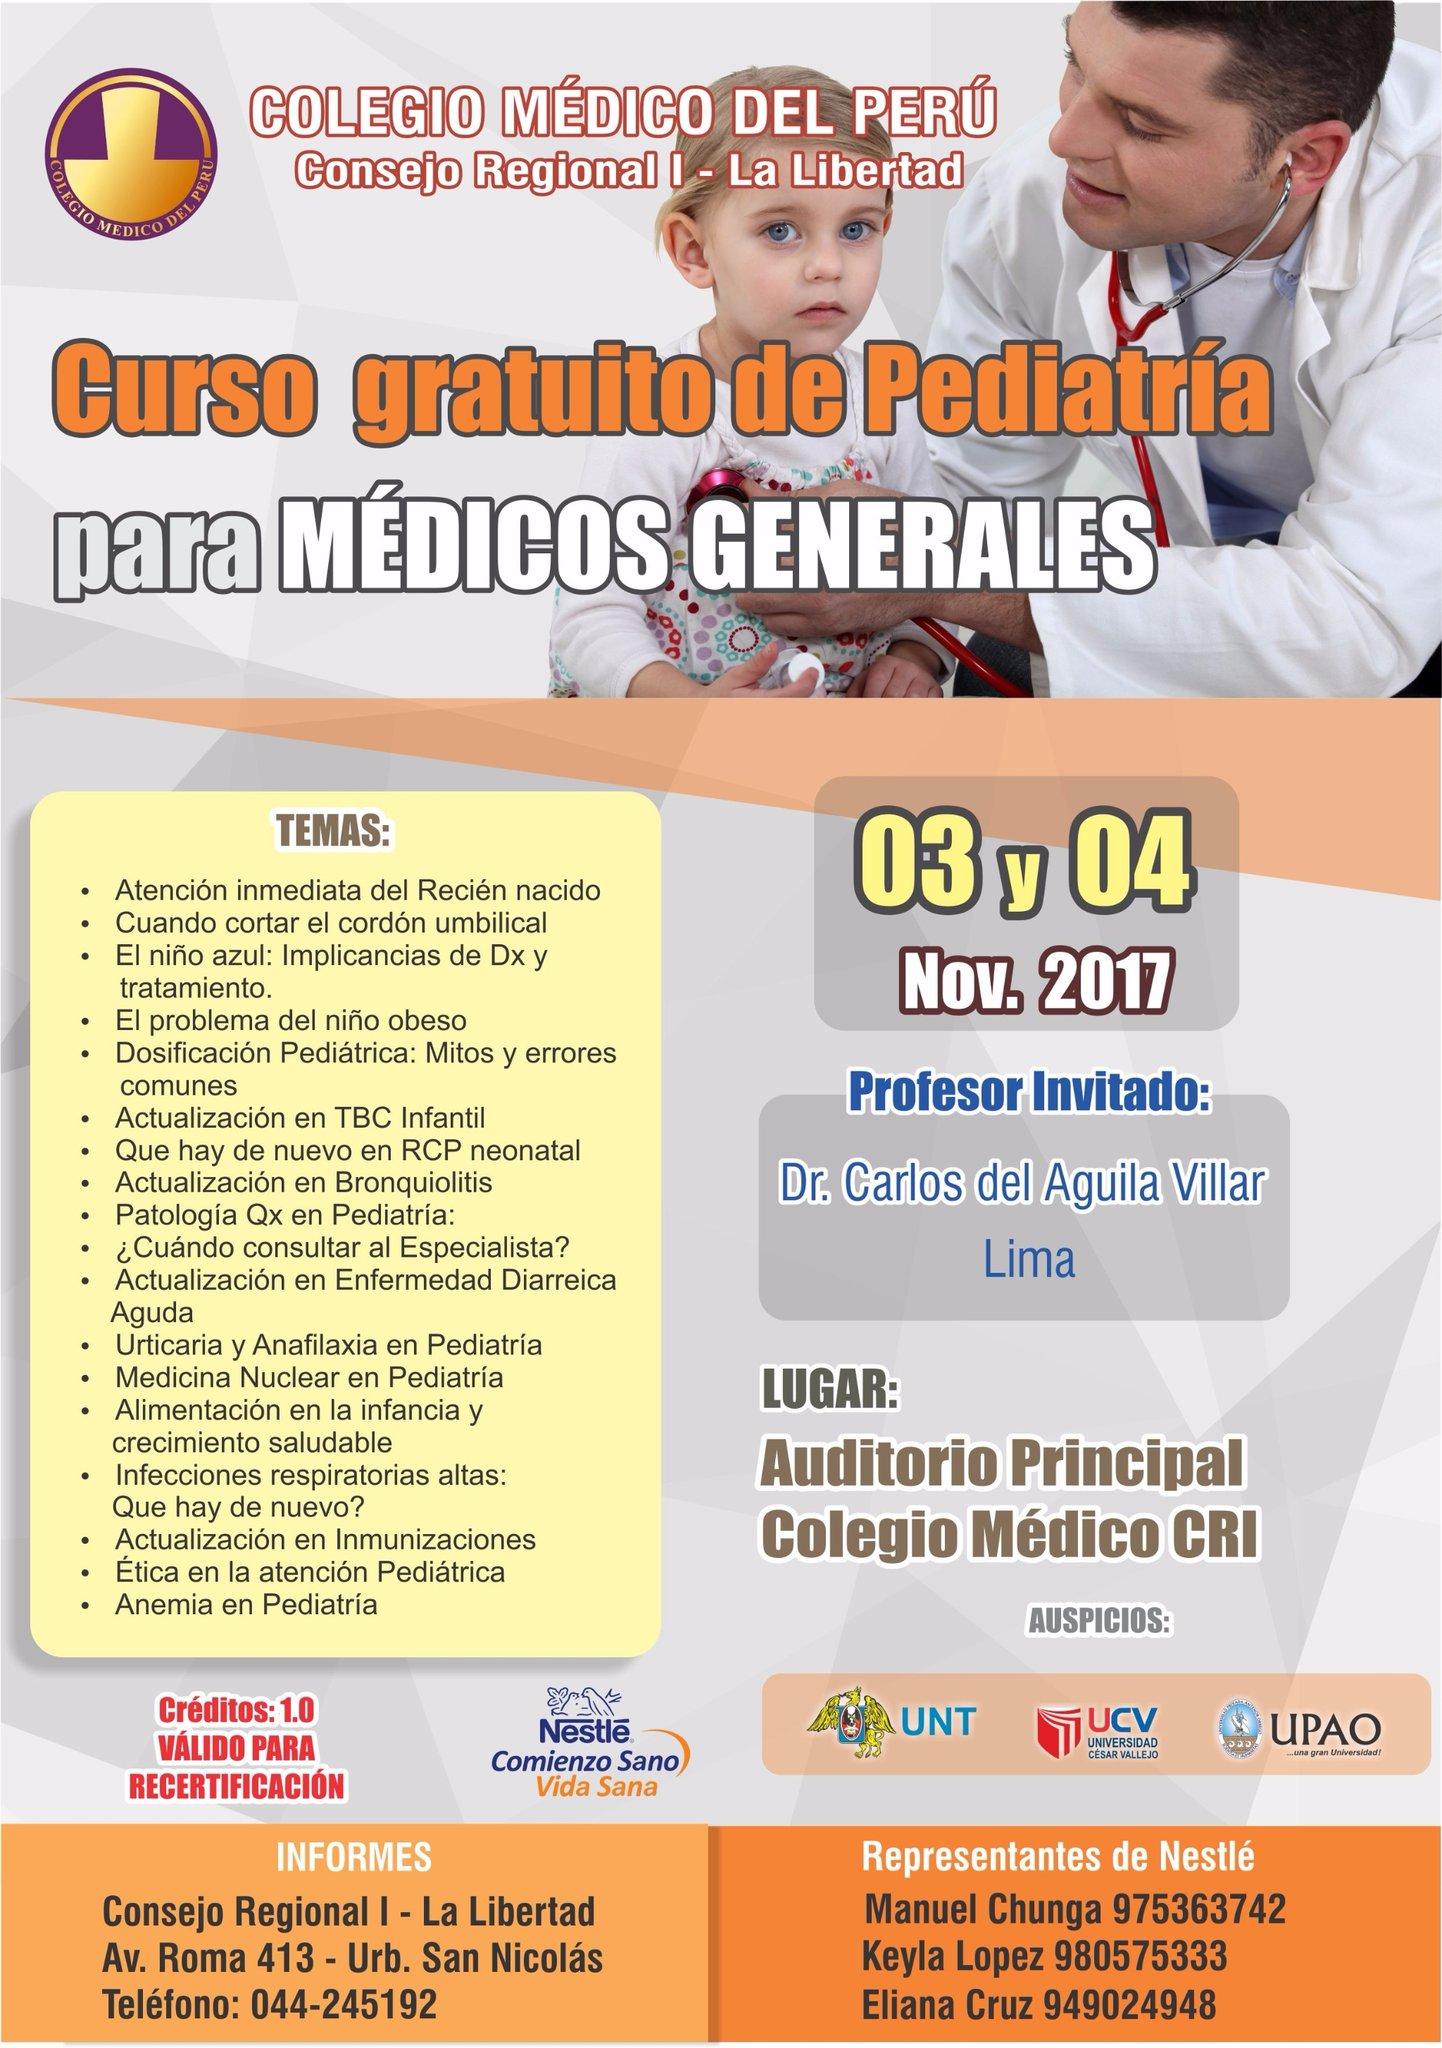 CURSO GRATUITO DE PEDIATRÍA PARA MÉDICOS GENERALES